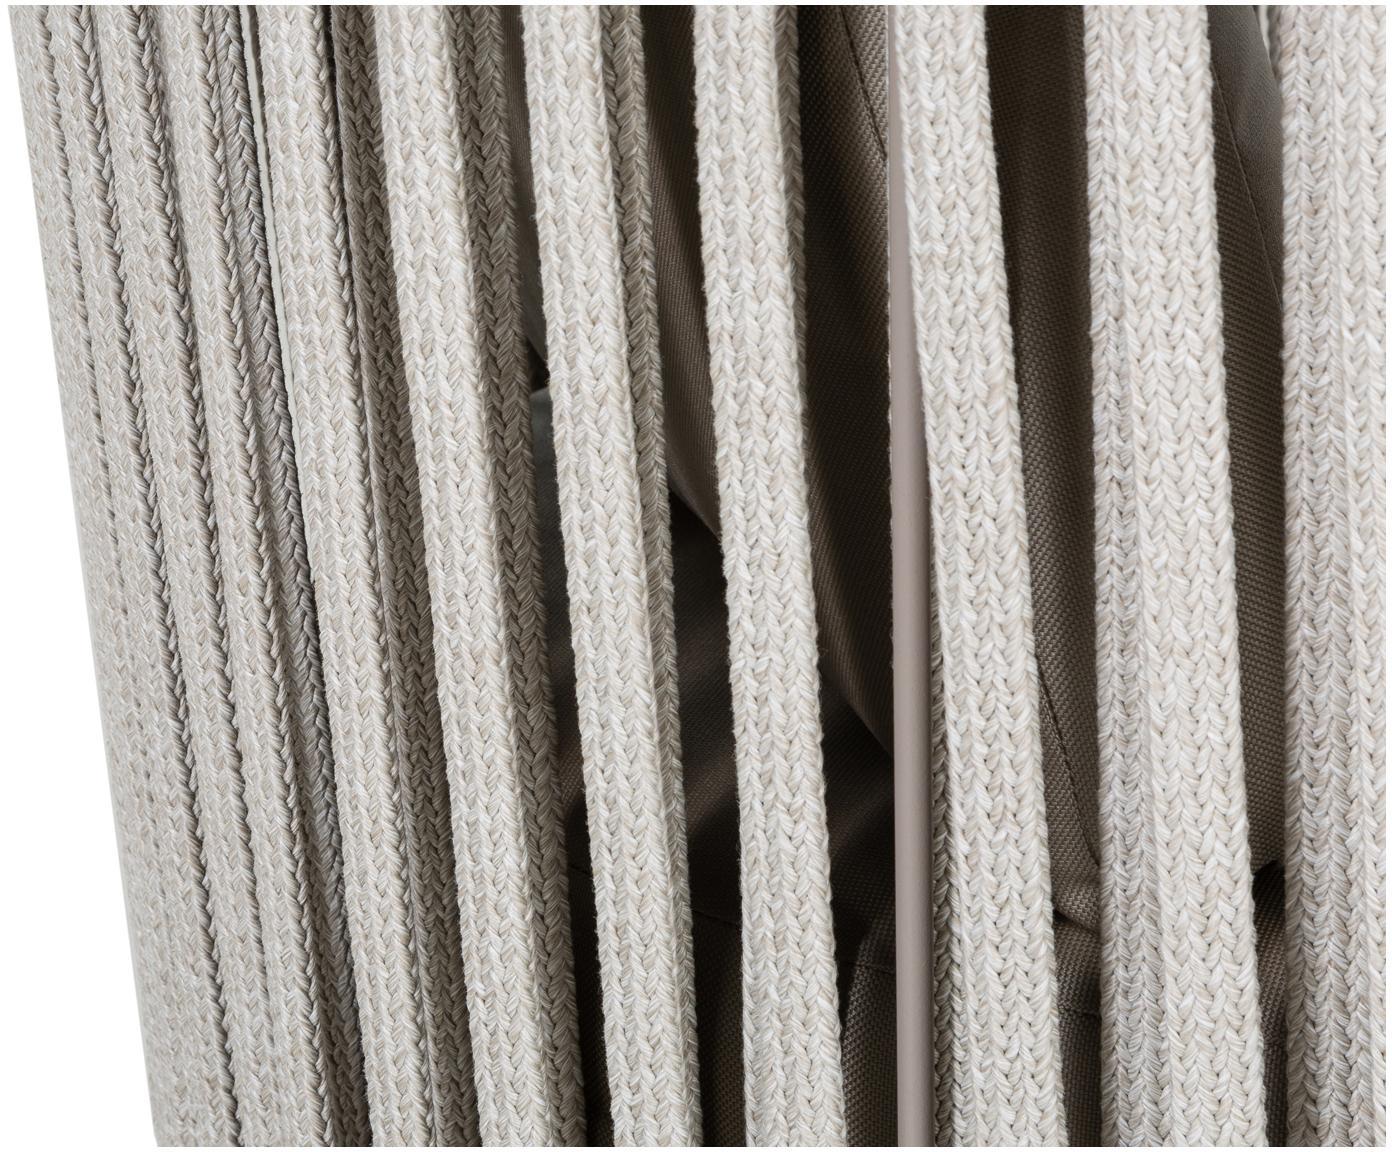 Poltrona da giardino con cuscino Sunderland, Gambe: acciaio zincato verniciat, Rivestimento: poliacrilico, Taupe, taupe chiaro, Larg. 73 x Prof. 74 cm